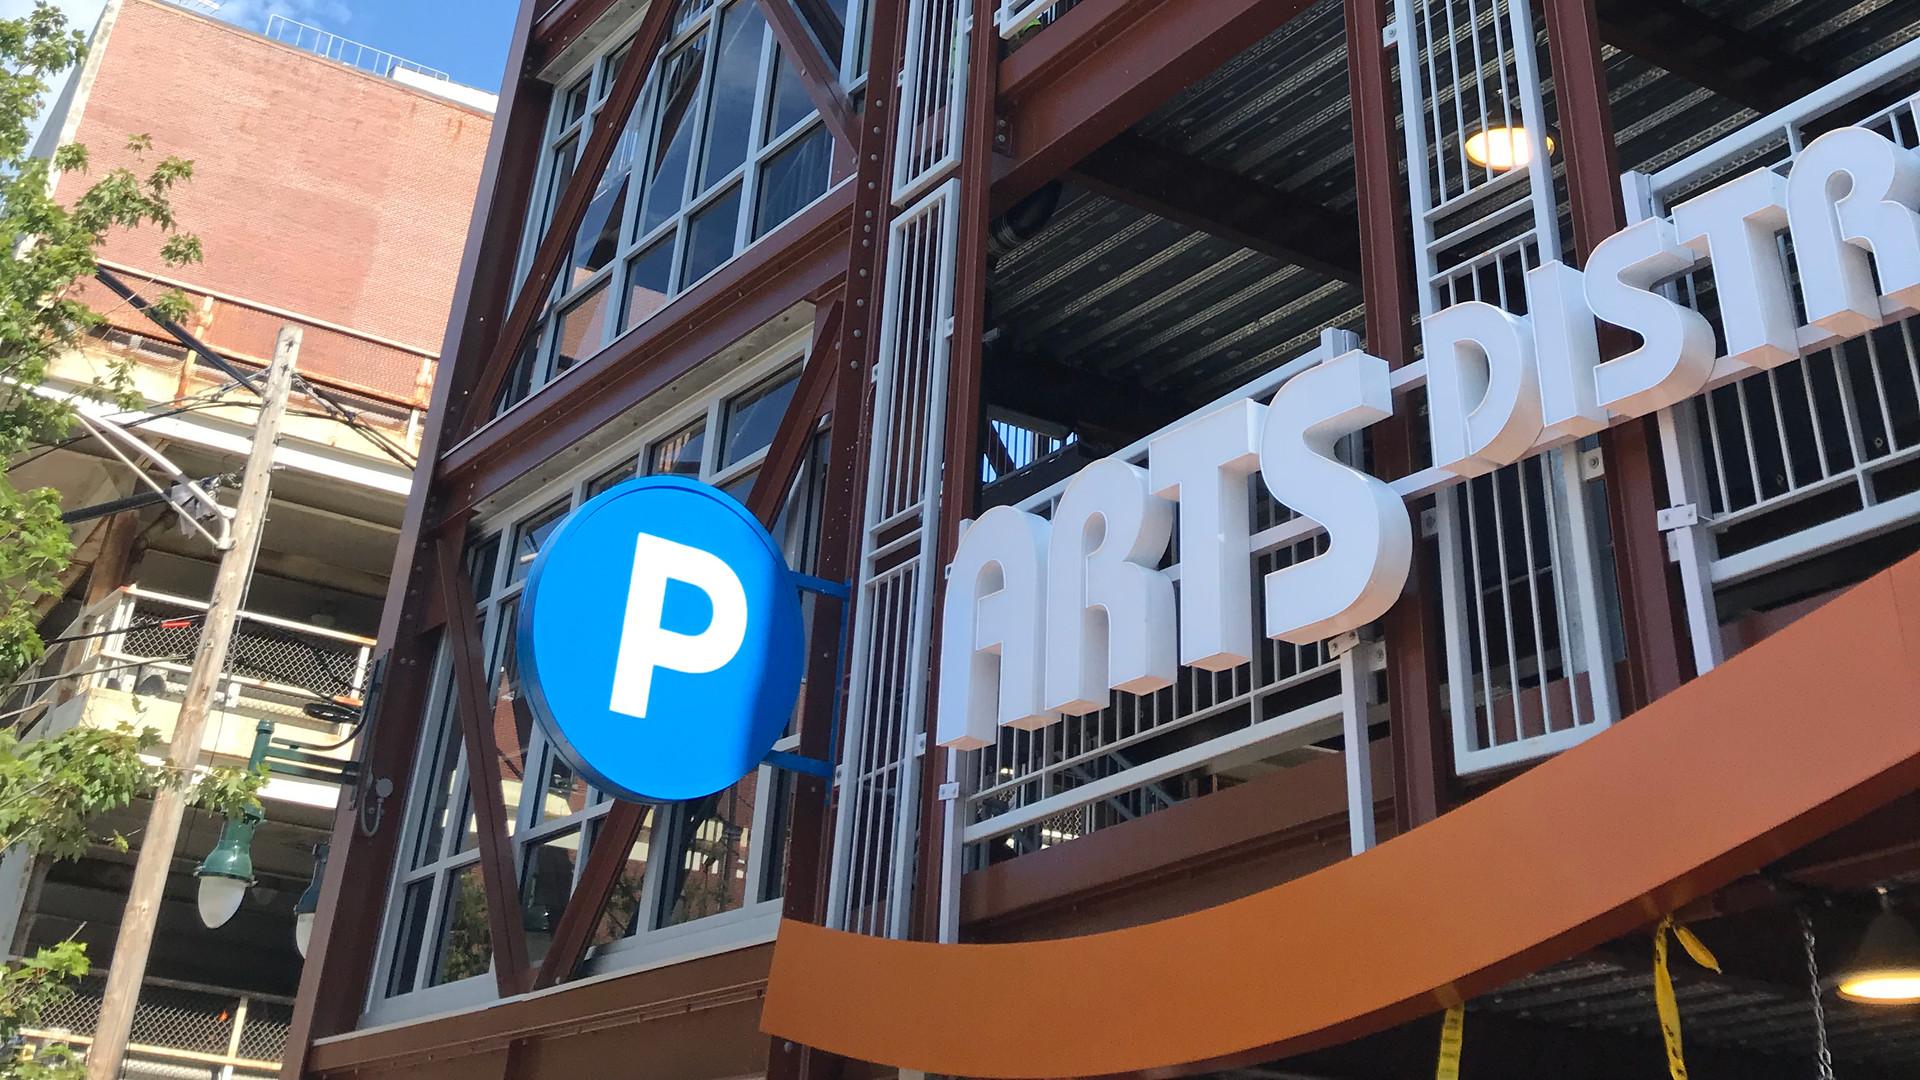 Arts District Parking Structure